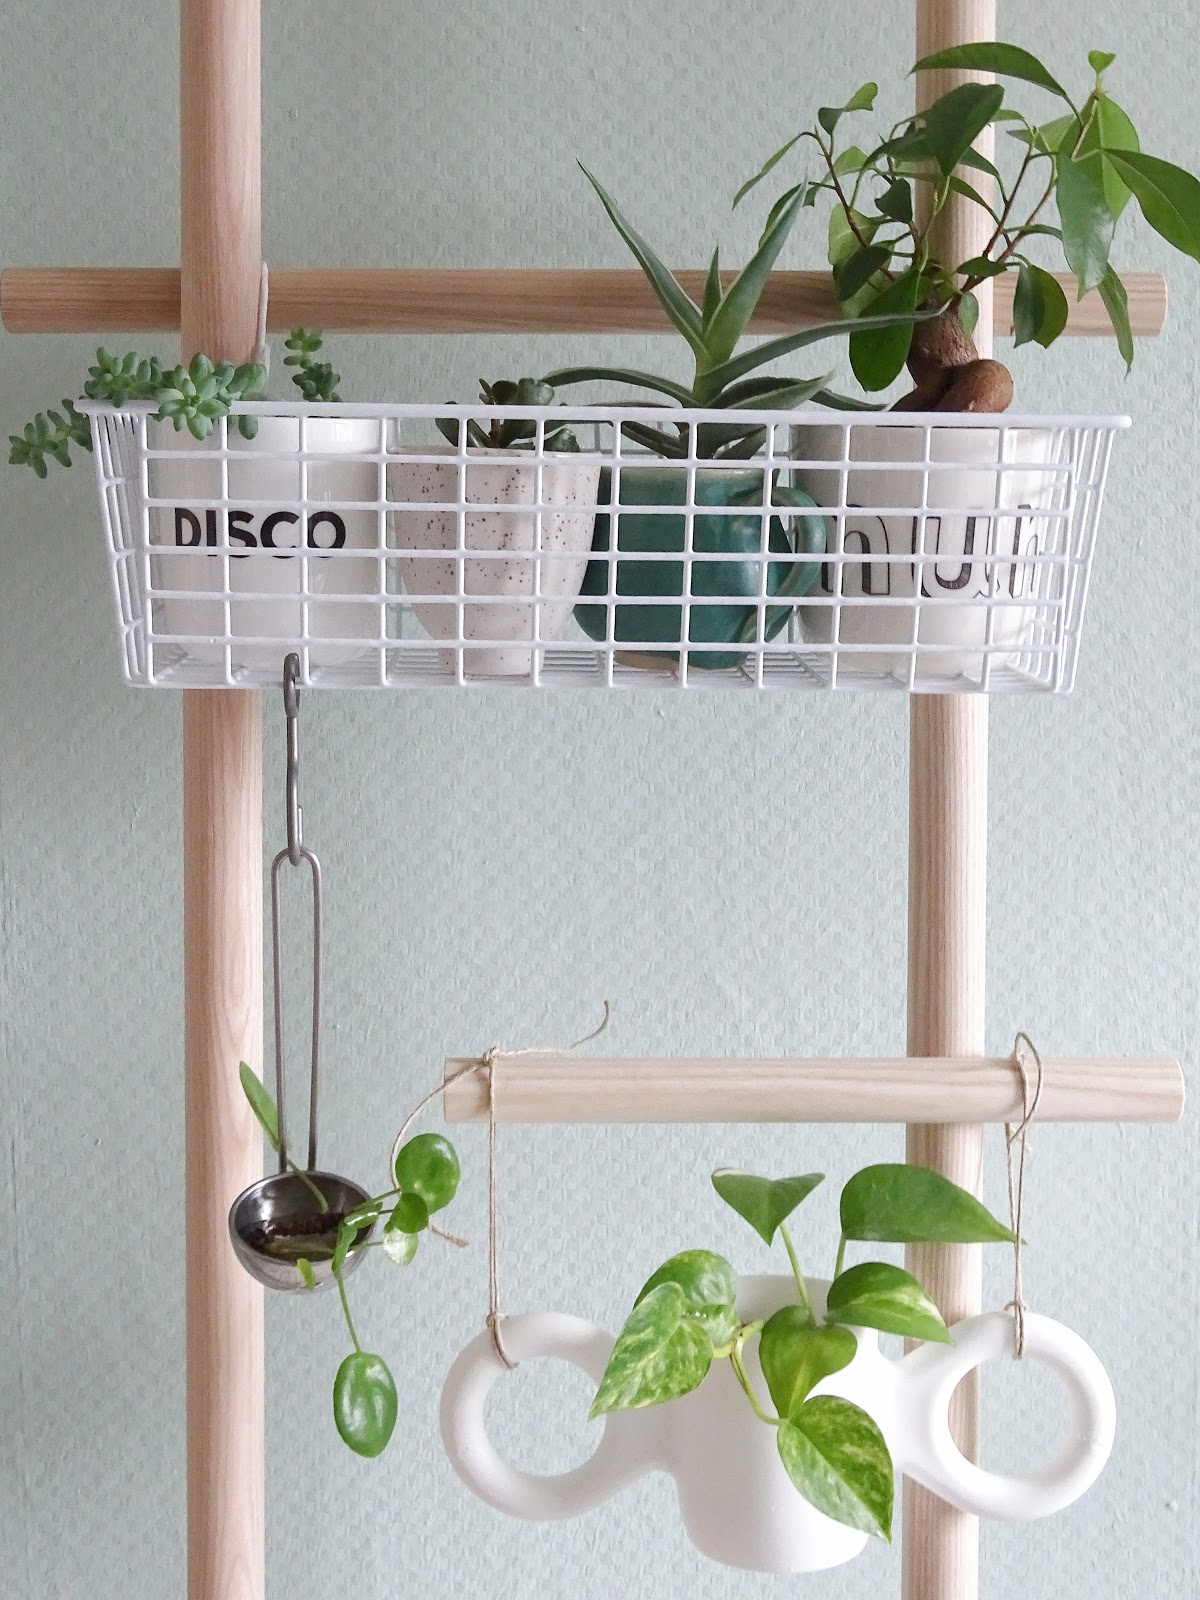 4 alternative Ideen zum Aufhängen deiner Pflanzen mit Haushaltsgegenständen - http://mammilade.blogspot.de